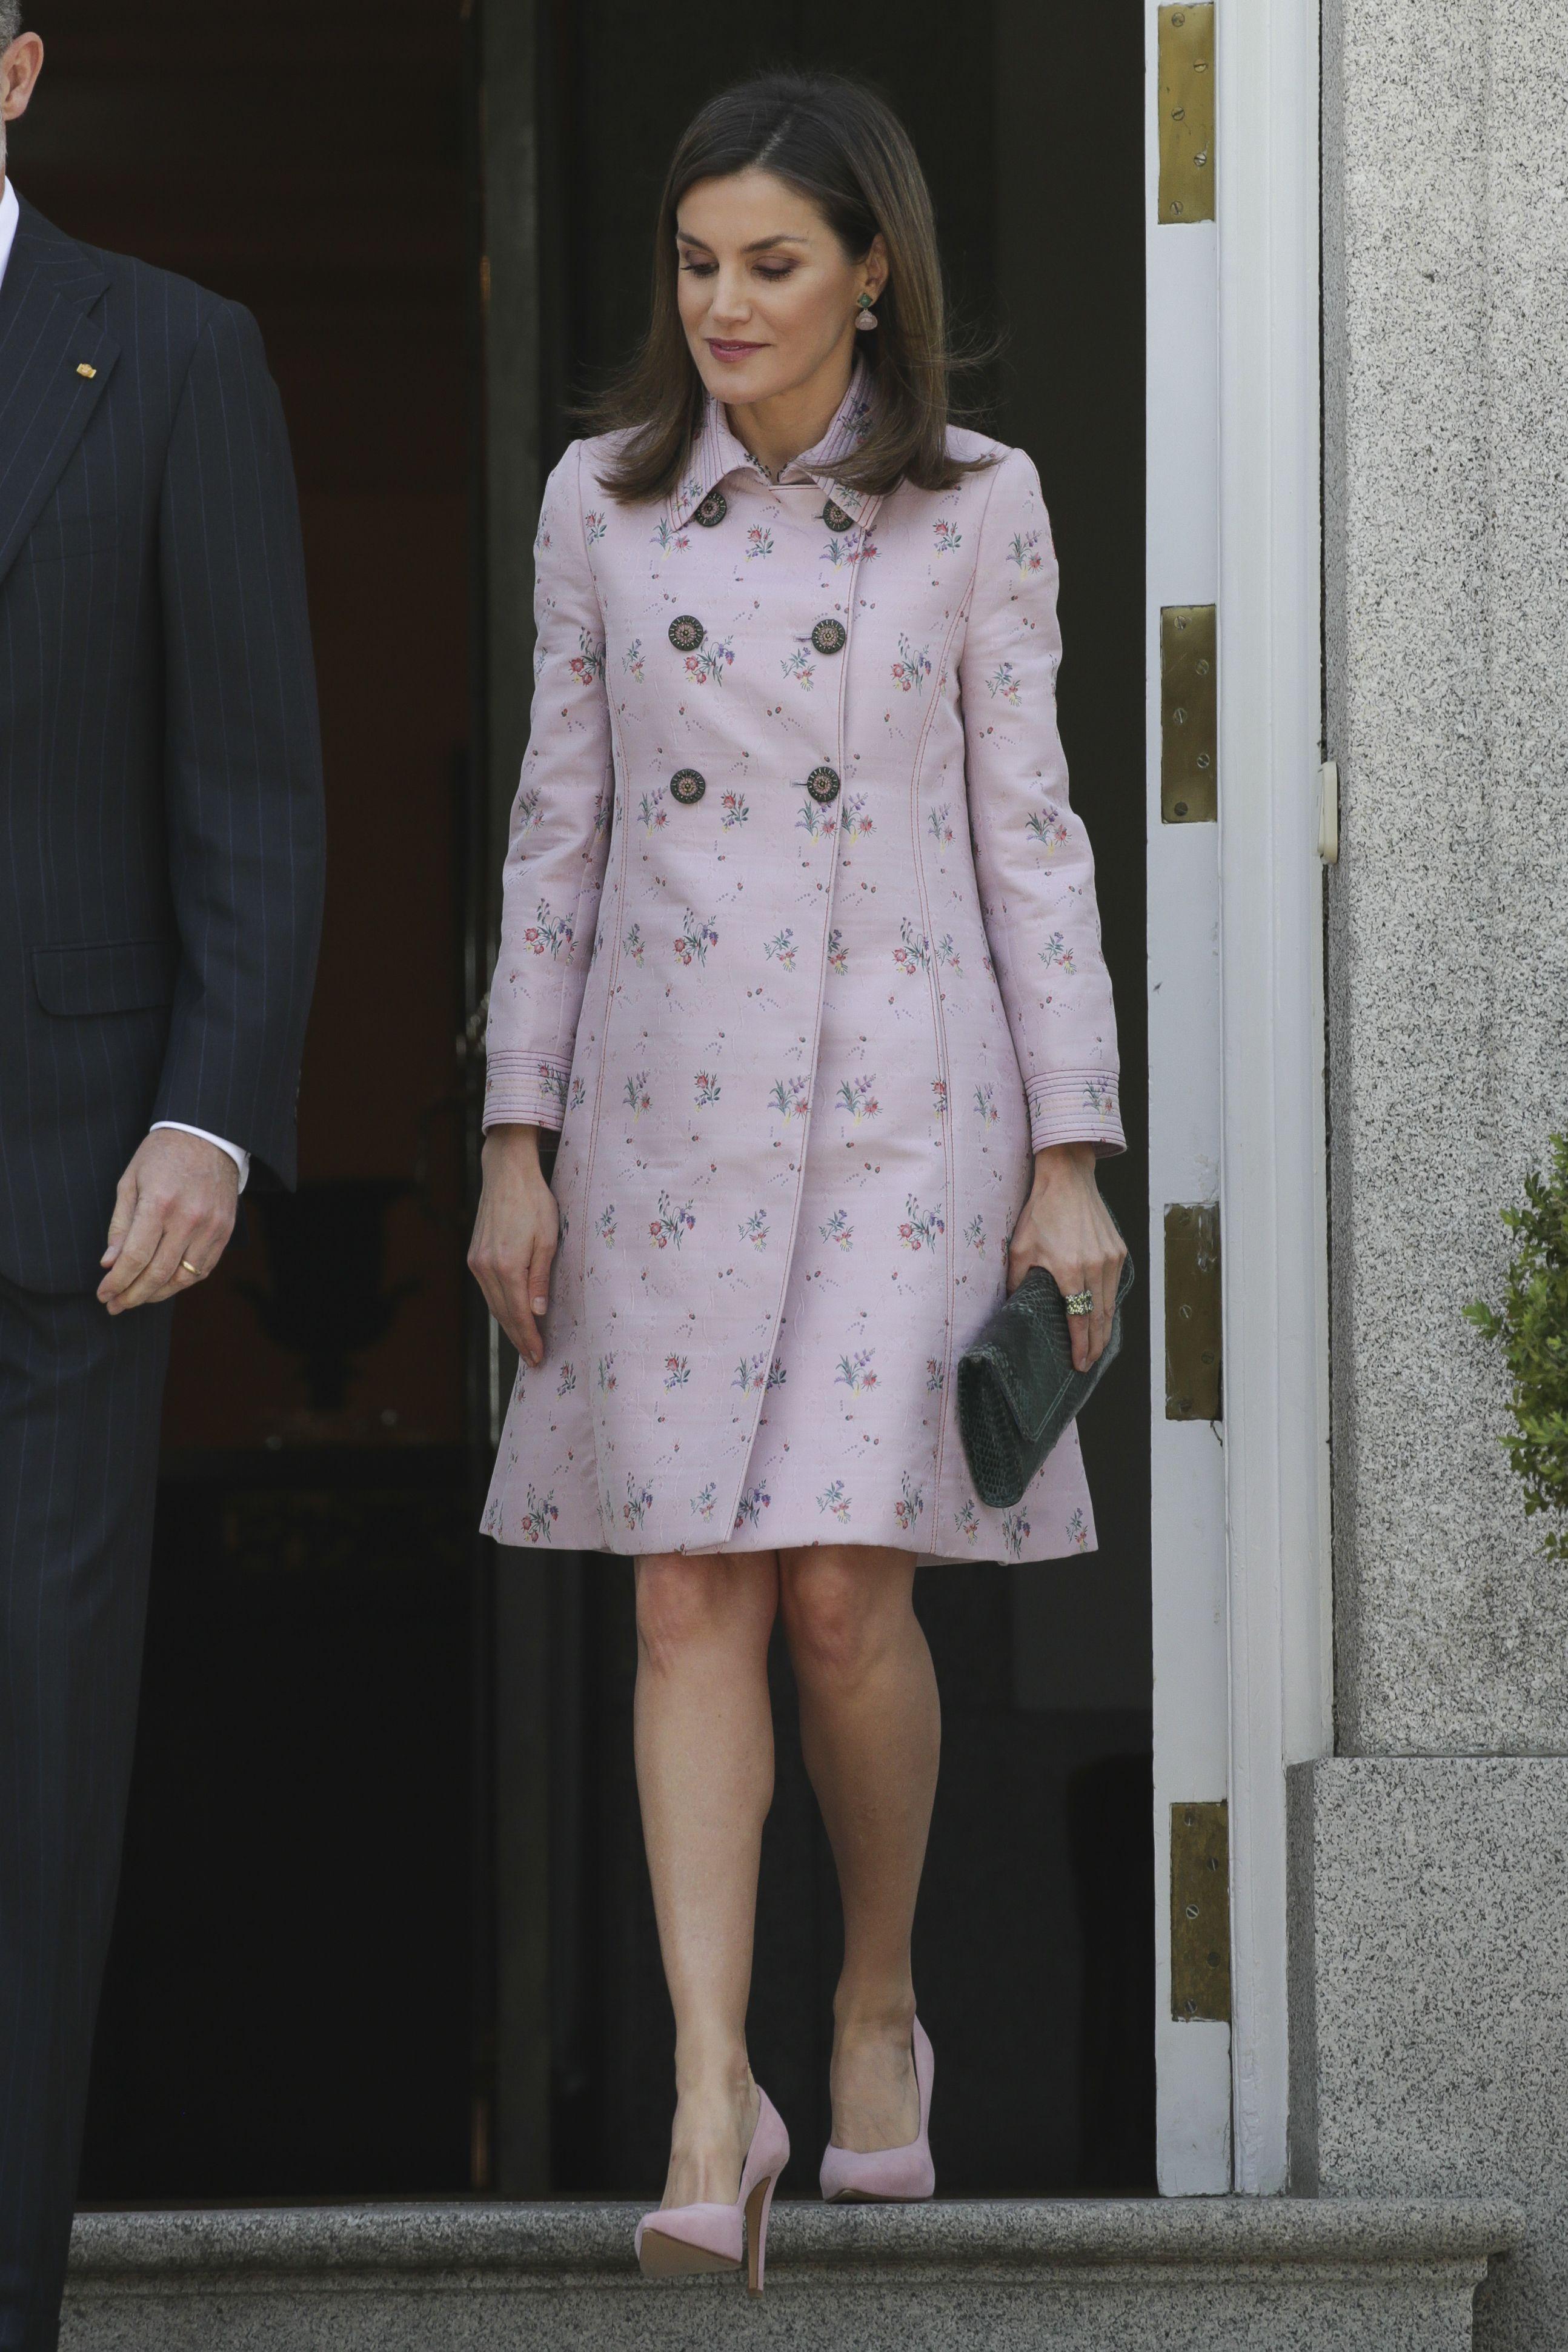 El estilo de la Reina Letizia - Todos los  looks  de la reina Letizia 7a31d905f8a1b